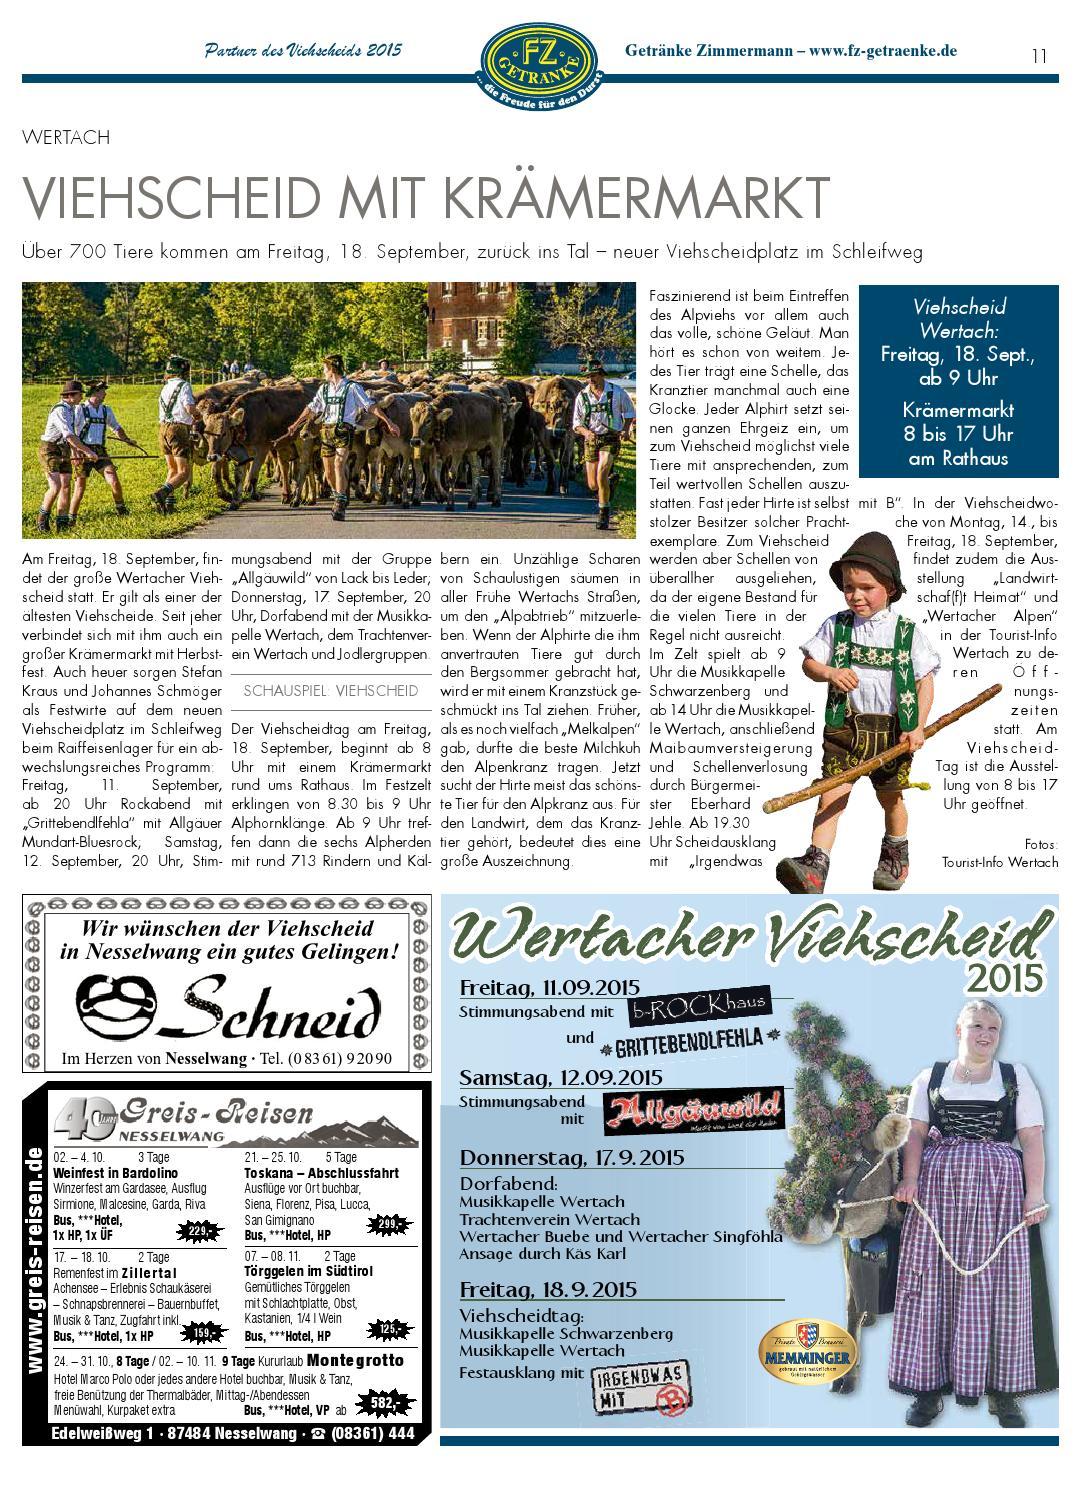 Viehscheid 2015 Blätterkatalog by rta.design GmbH - issuu